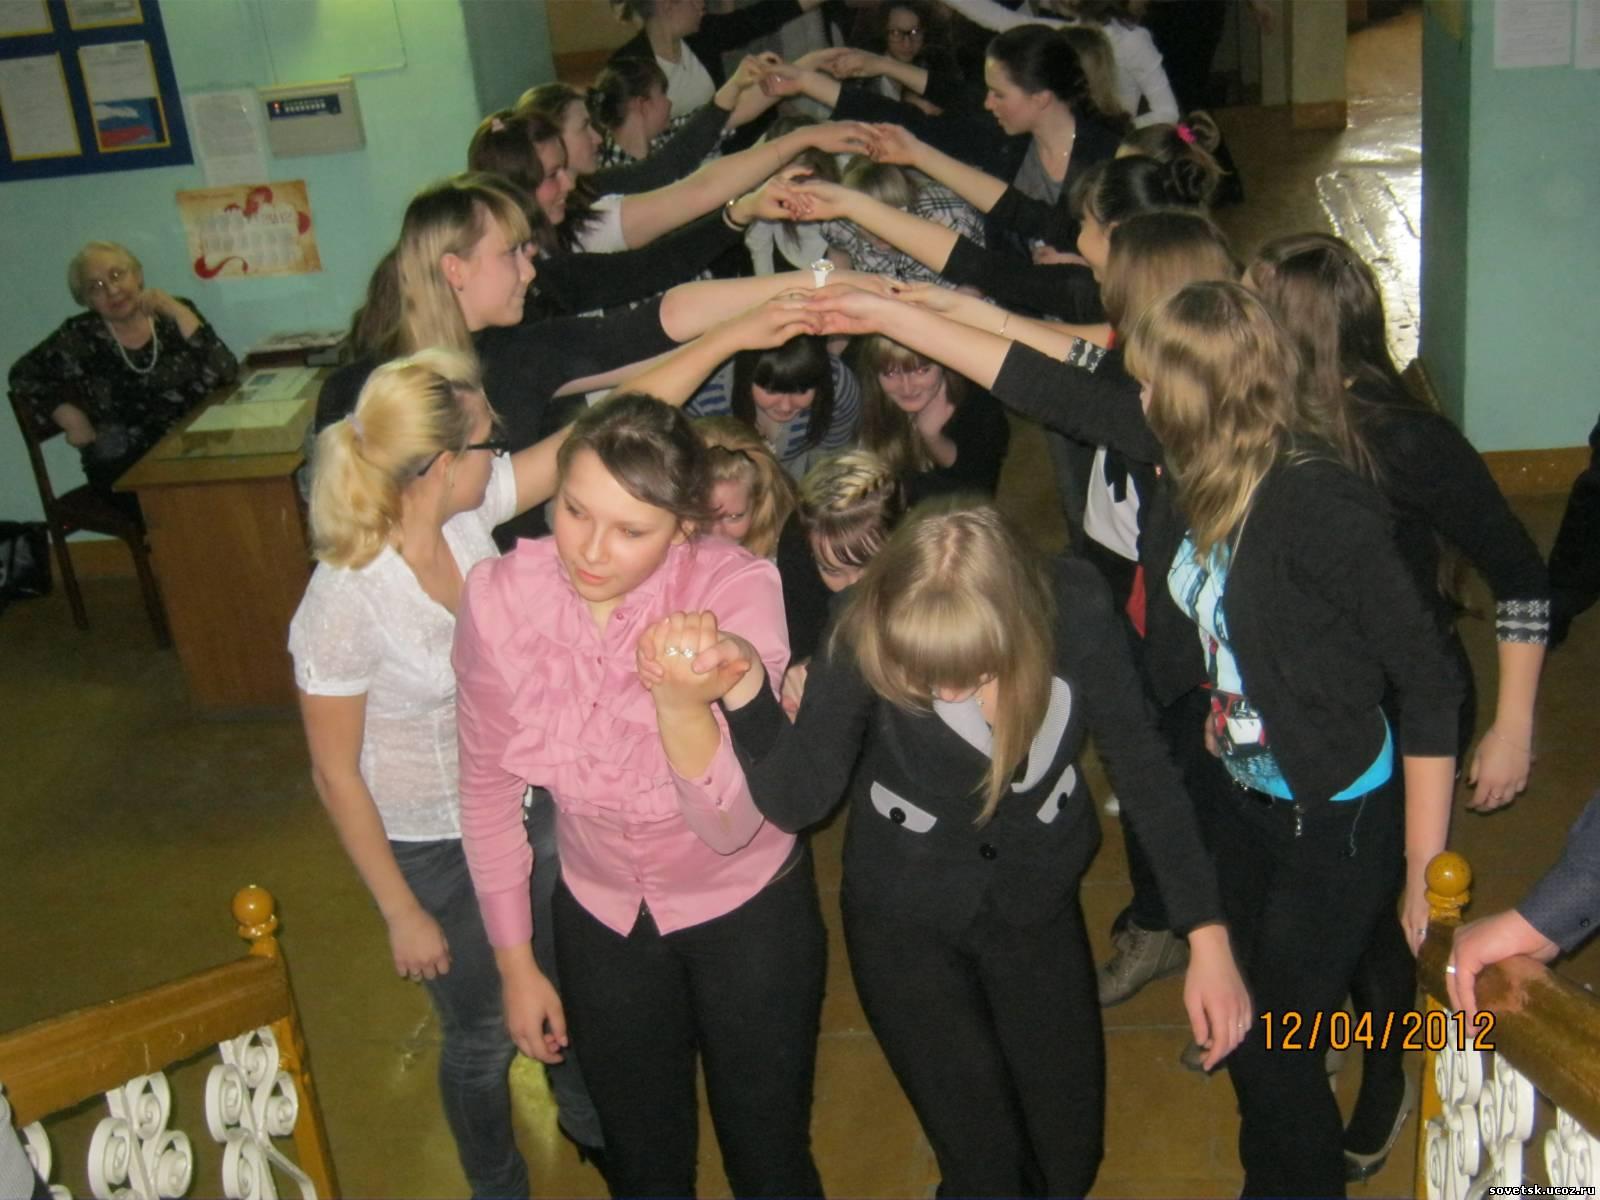 Фото секса на переменах в школе, Школьное порно фото с училками 15 фотография